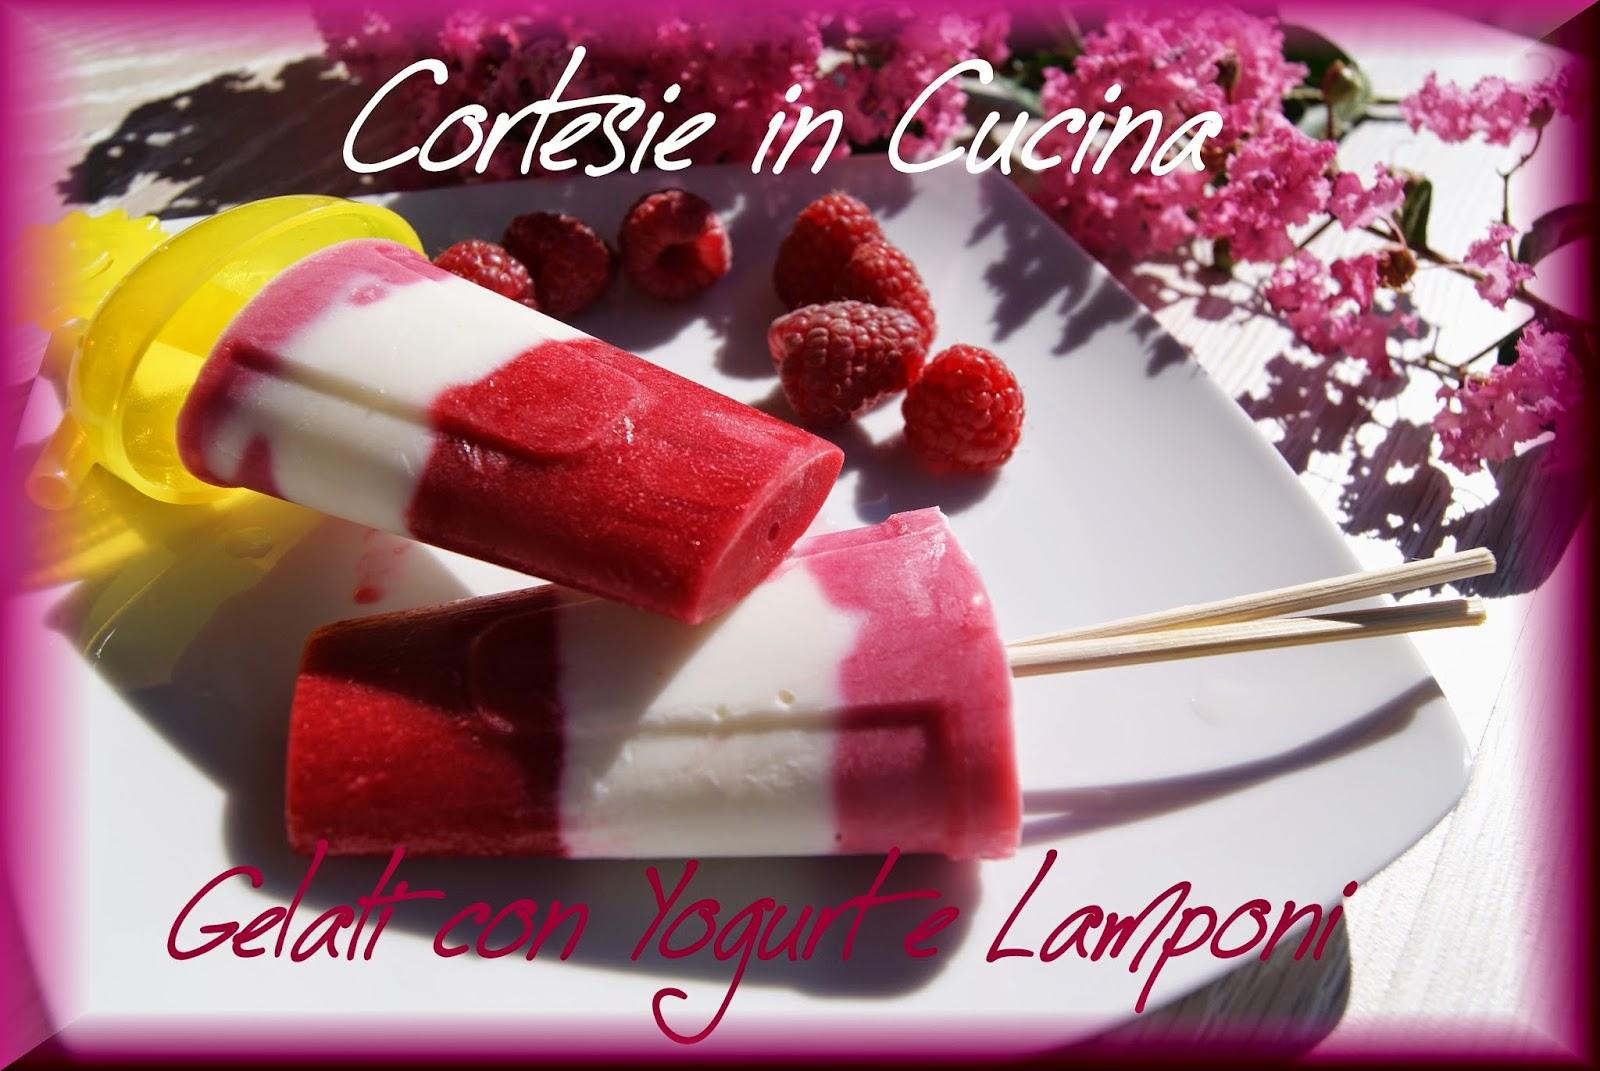 gelati con yogurt e lamponi